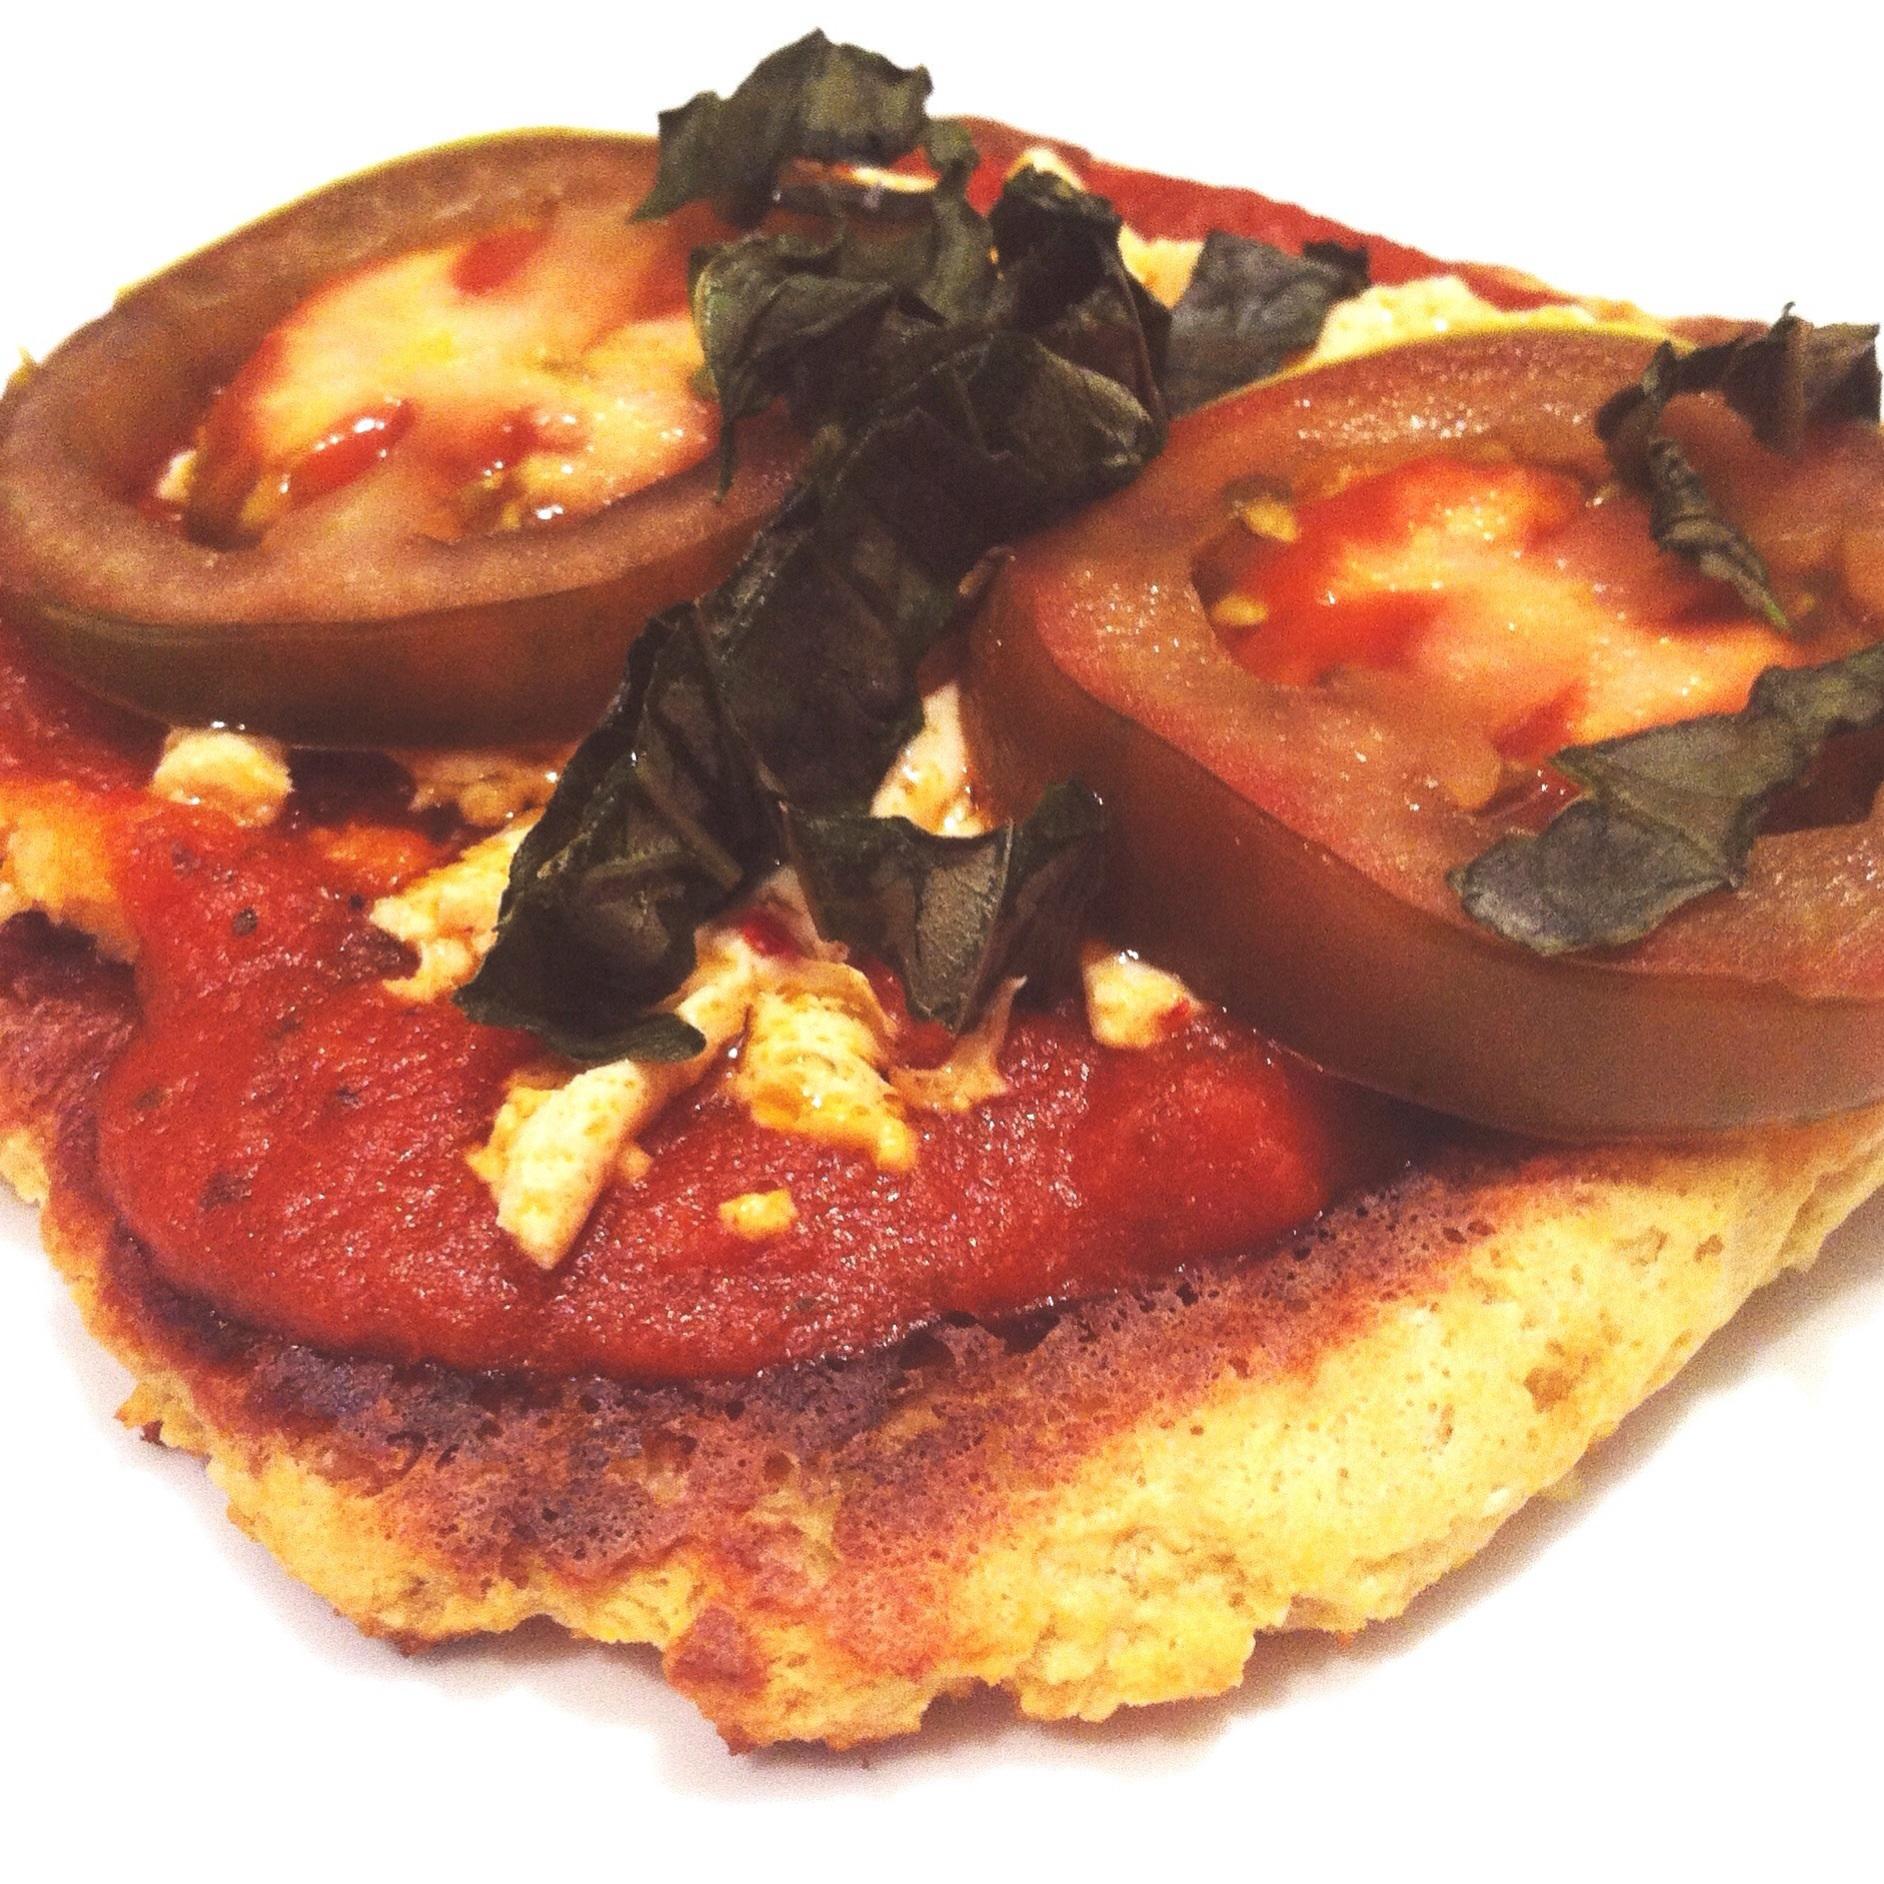 Vegan Cauliflower Tart With Tomato and Basil